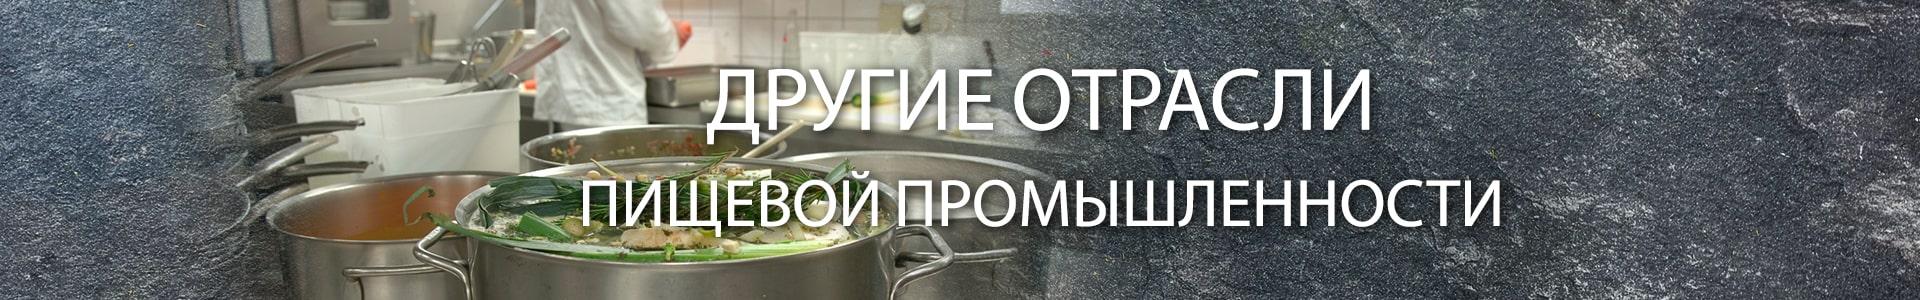 Pekny-Unimex-Prumysl-Другие-отрасли